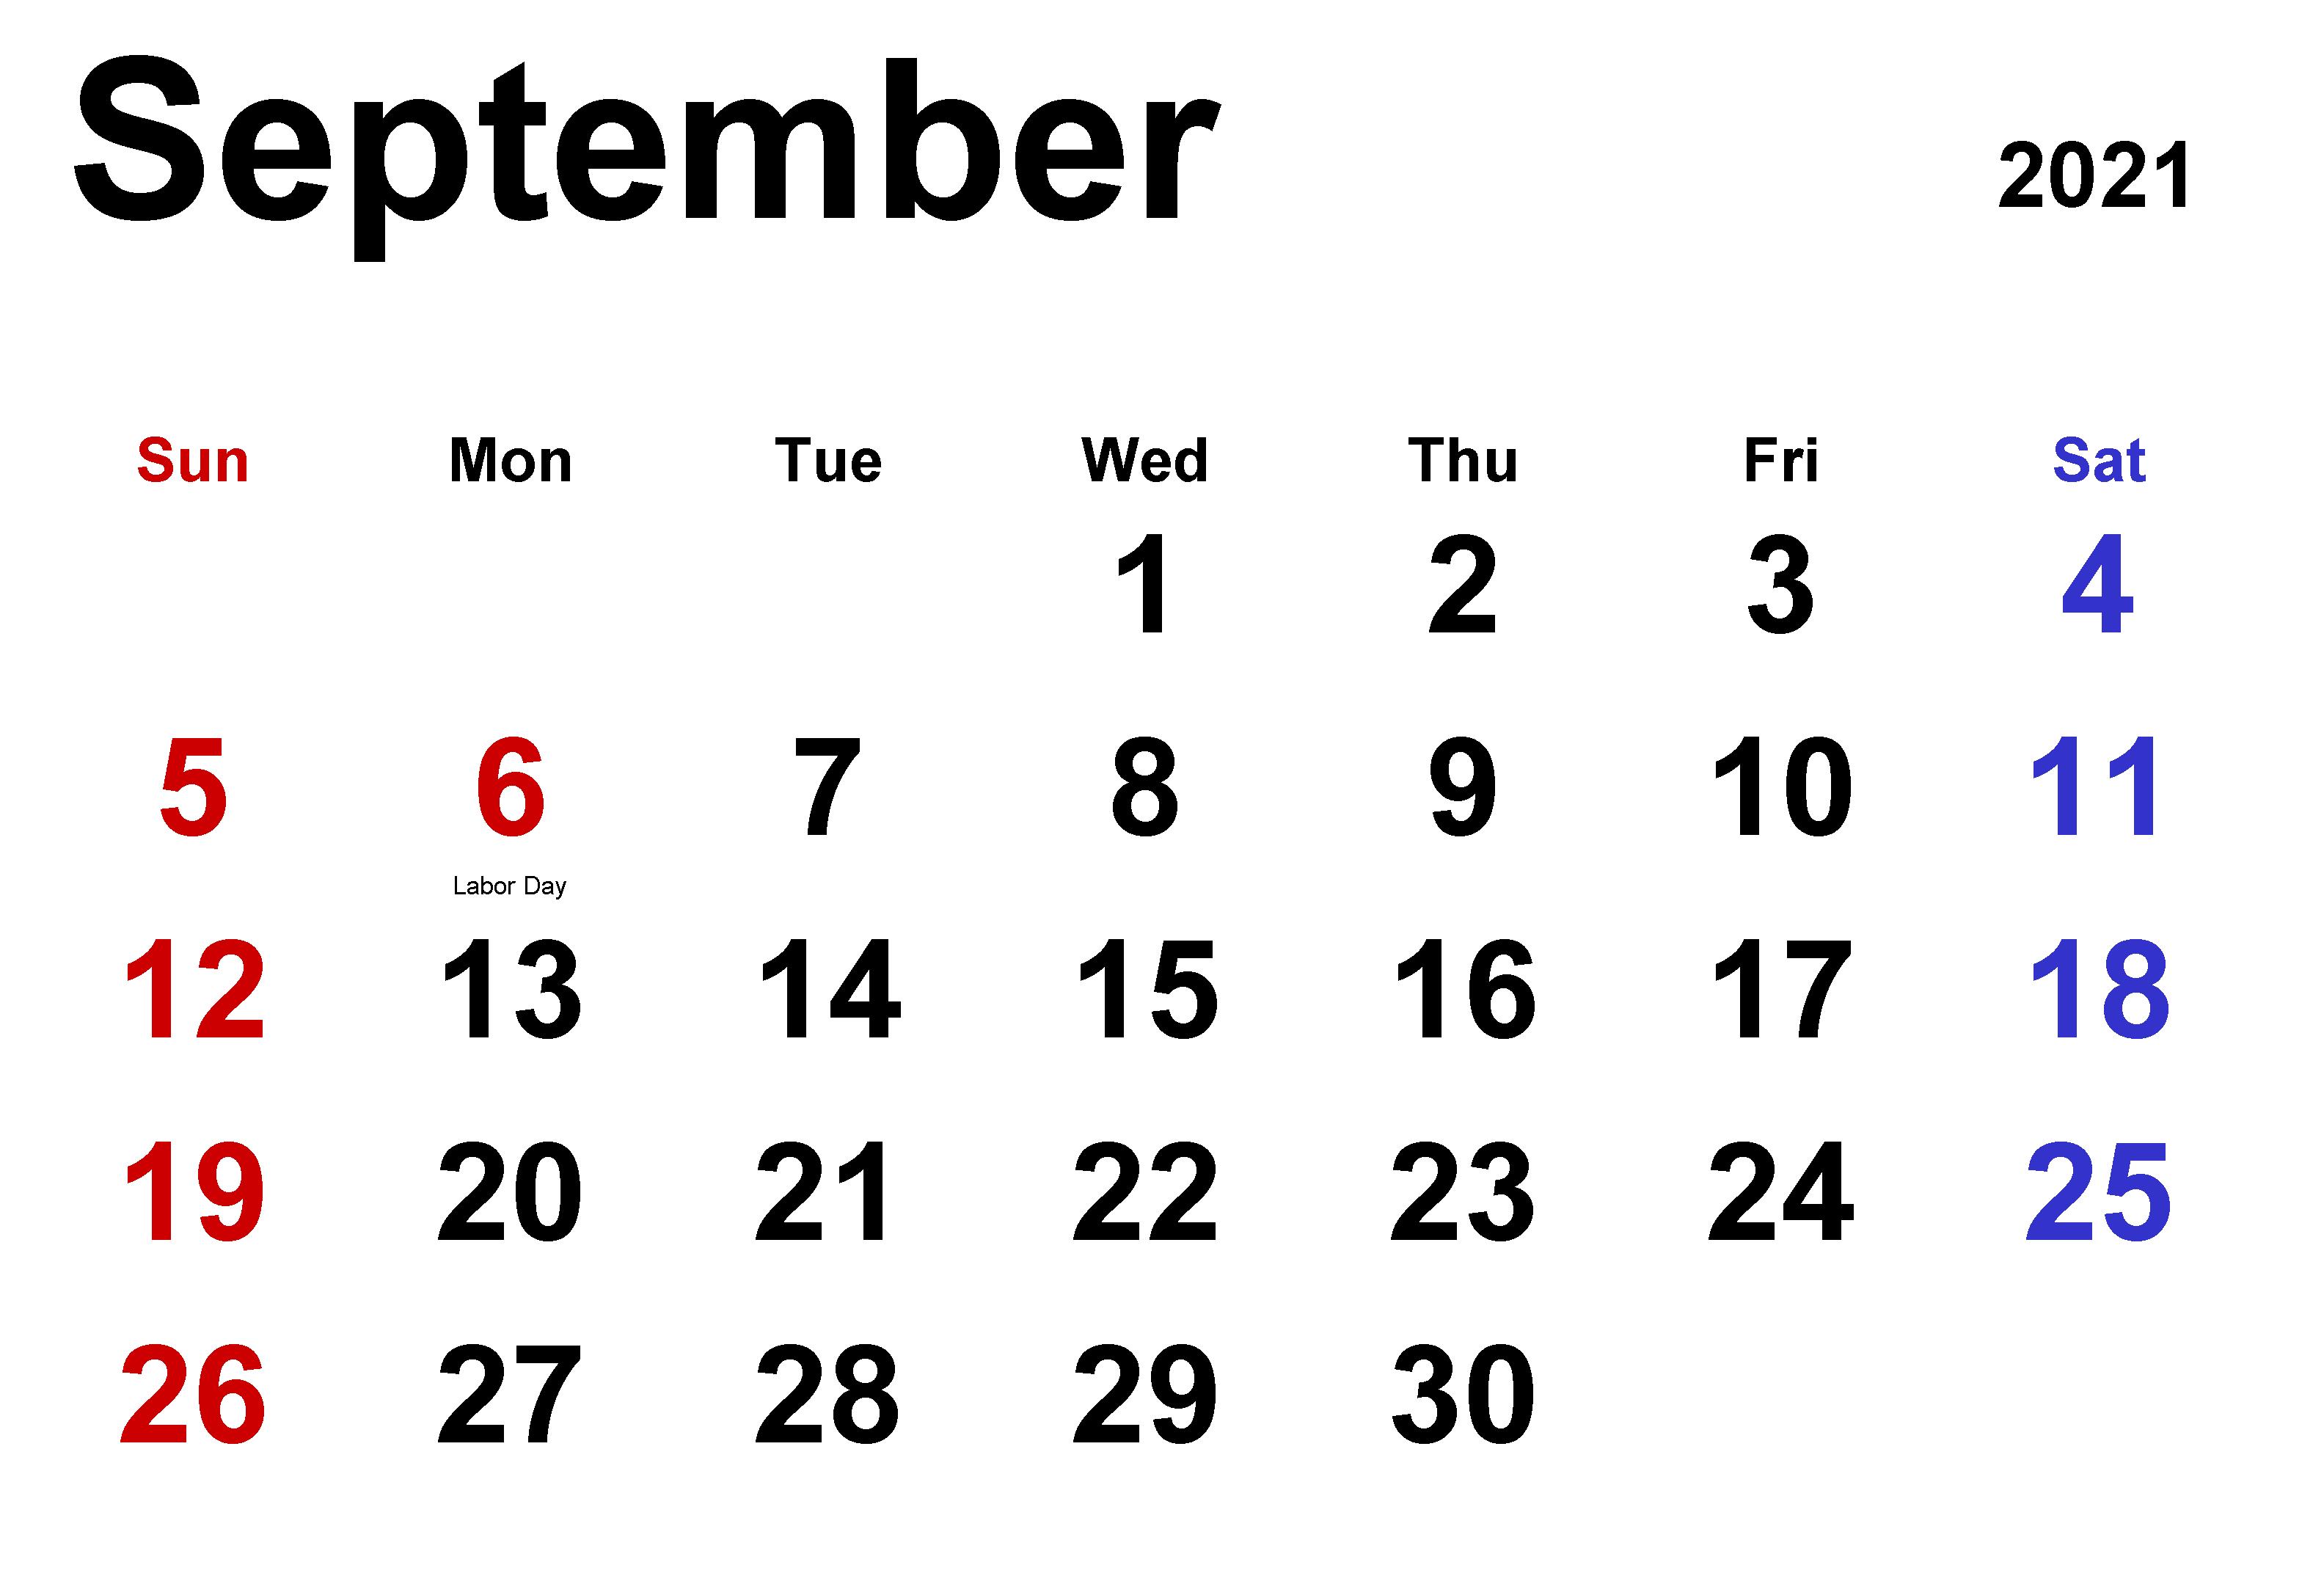 Download September 2021 Calendar Planner